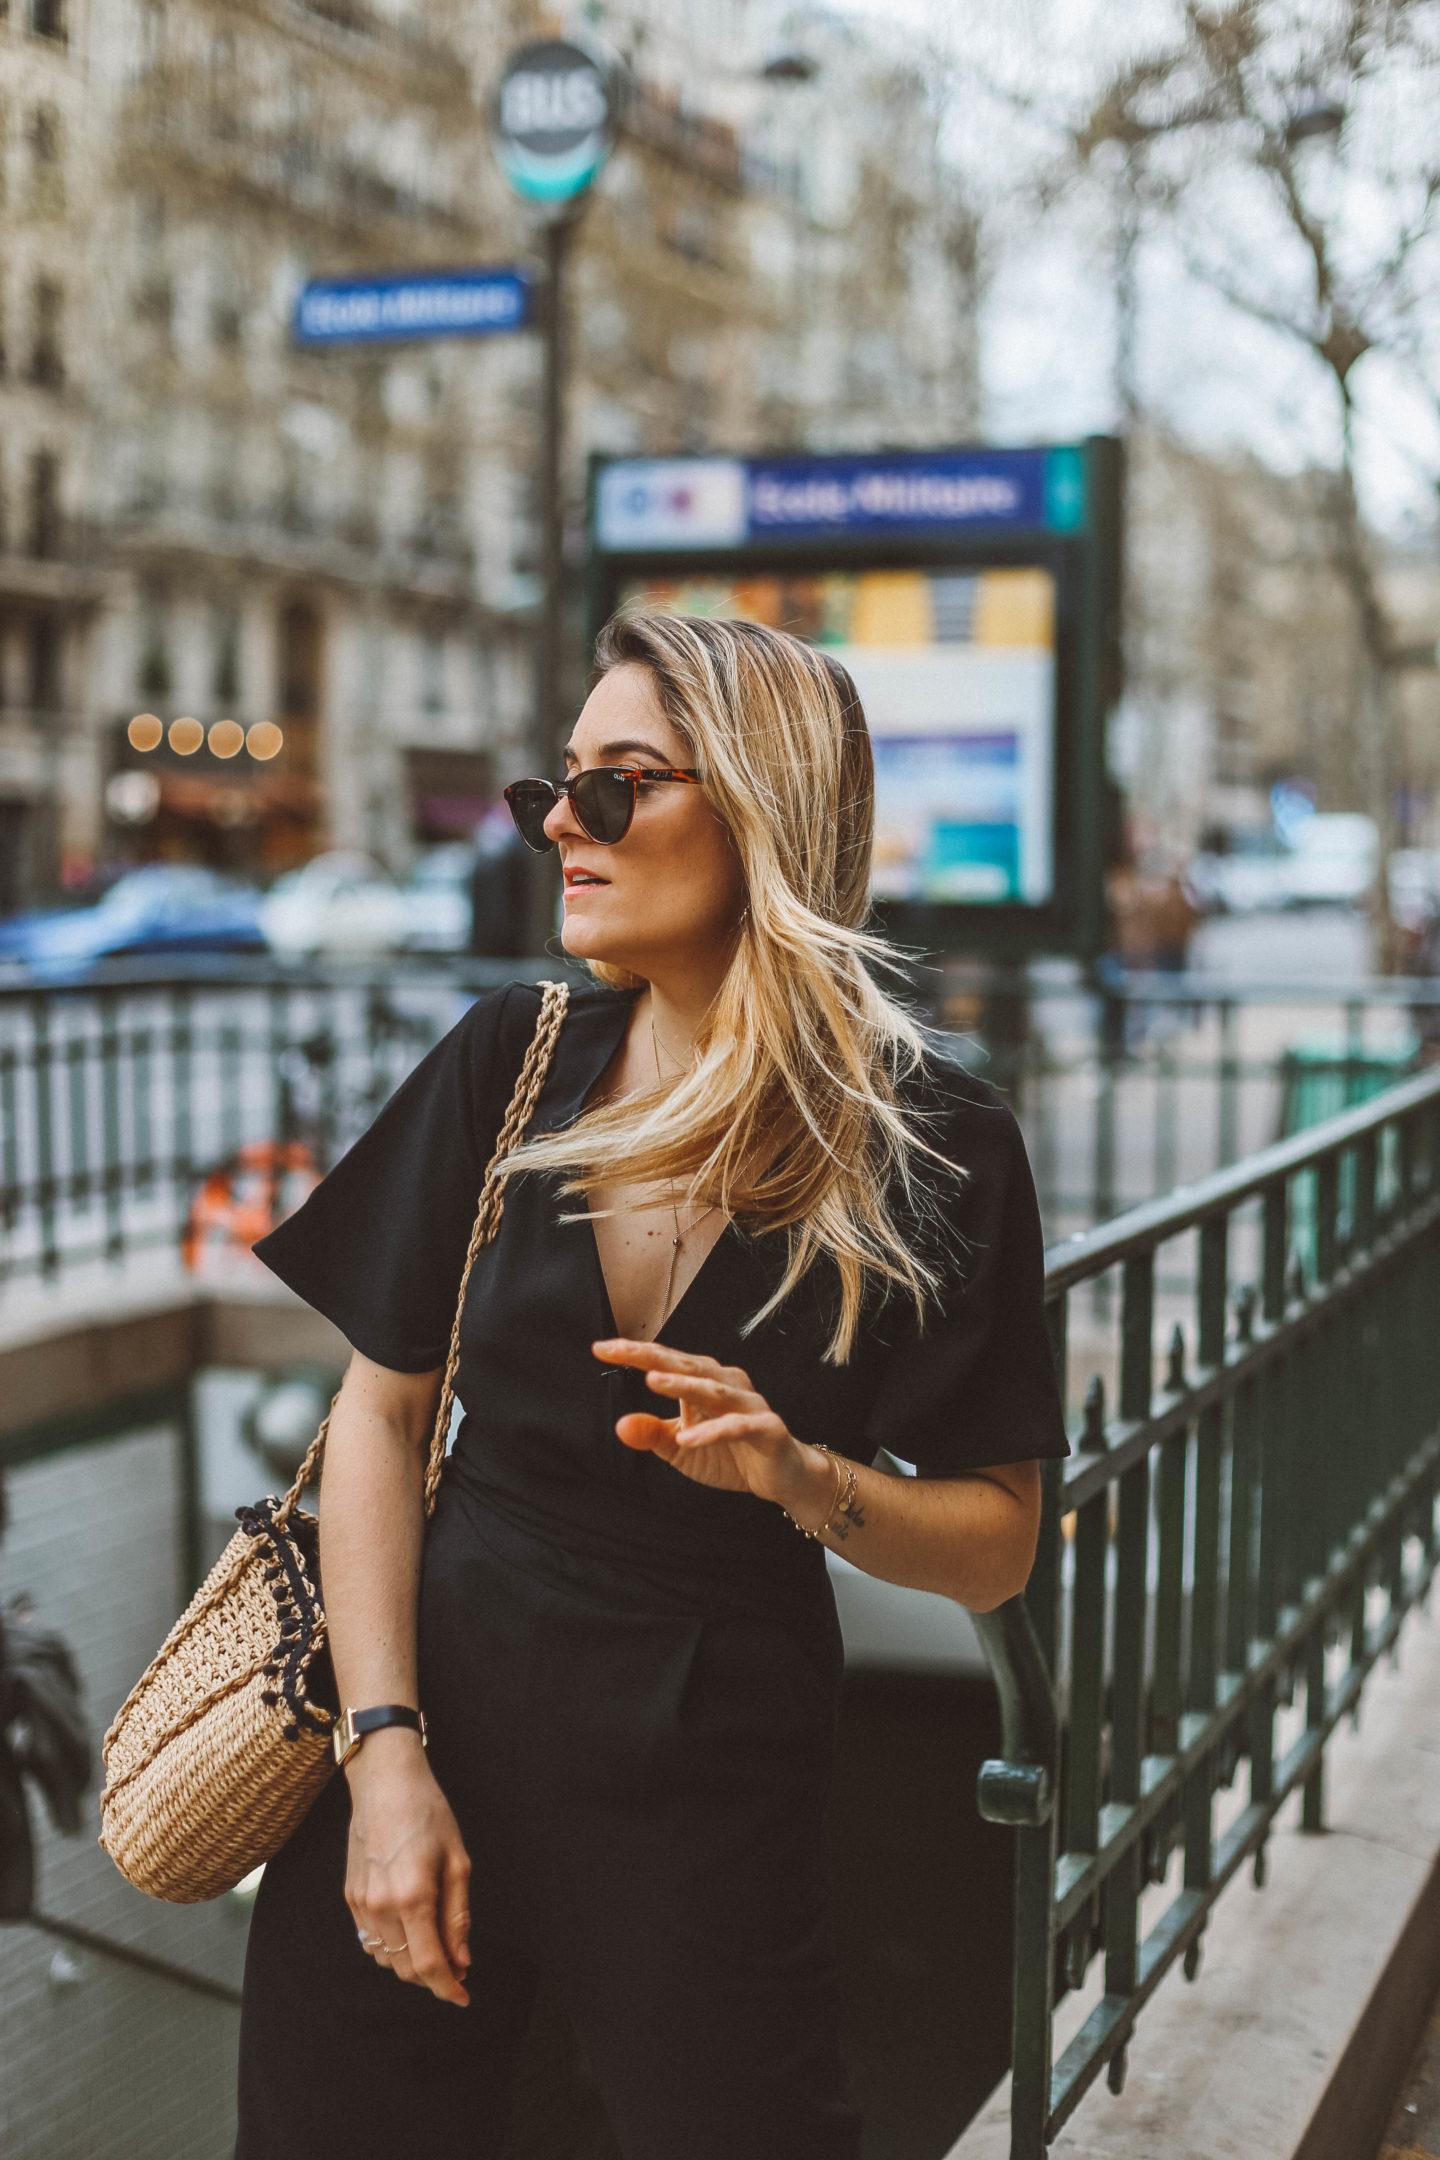 Lunettes Quay Australia - Blondie Baby blog mode Paris et voyages